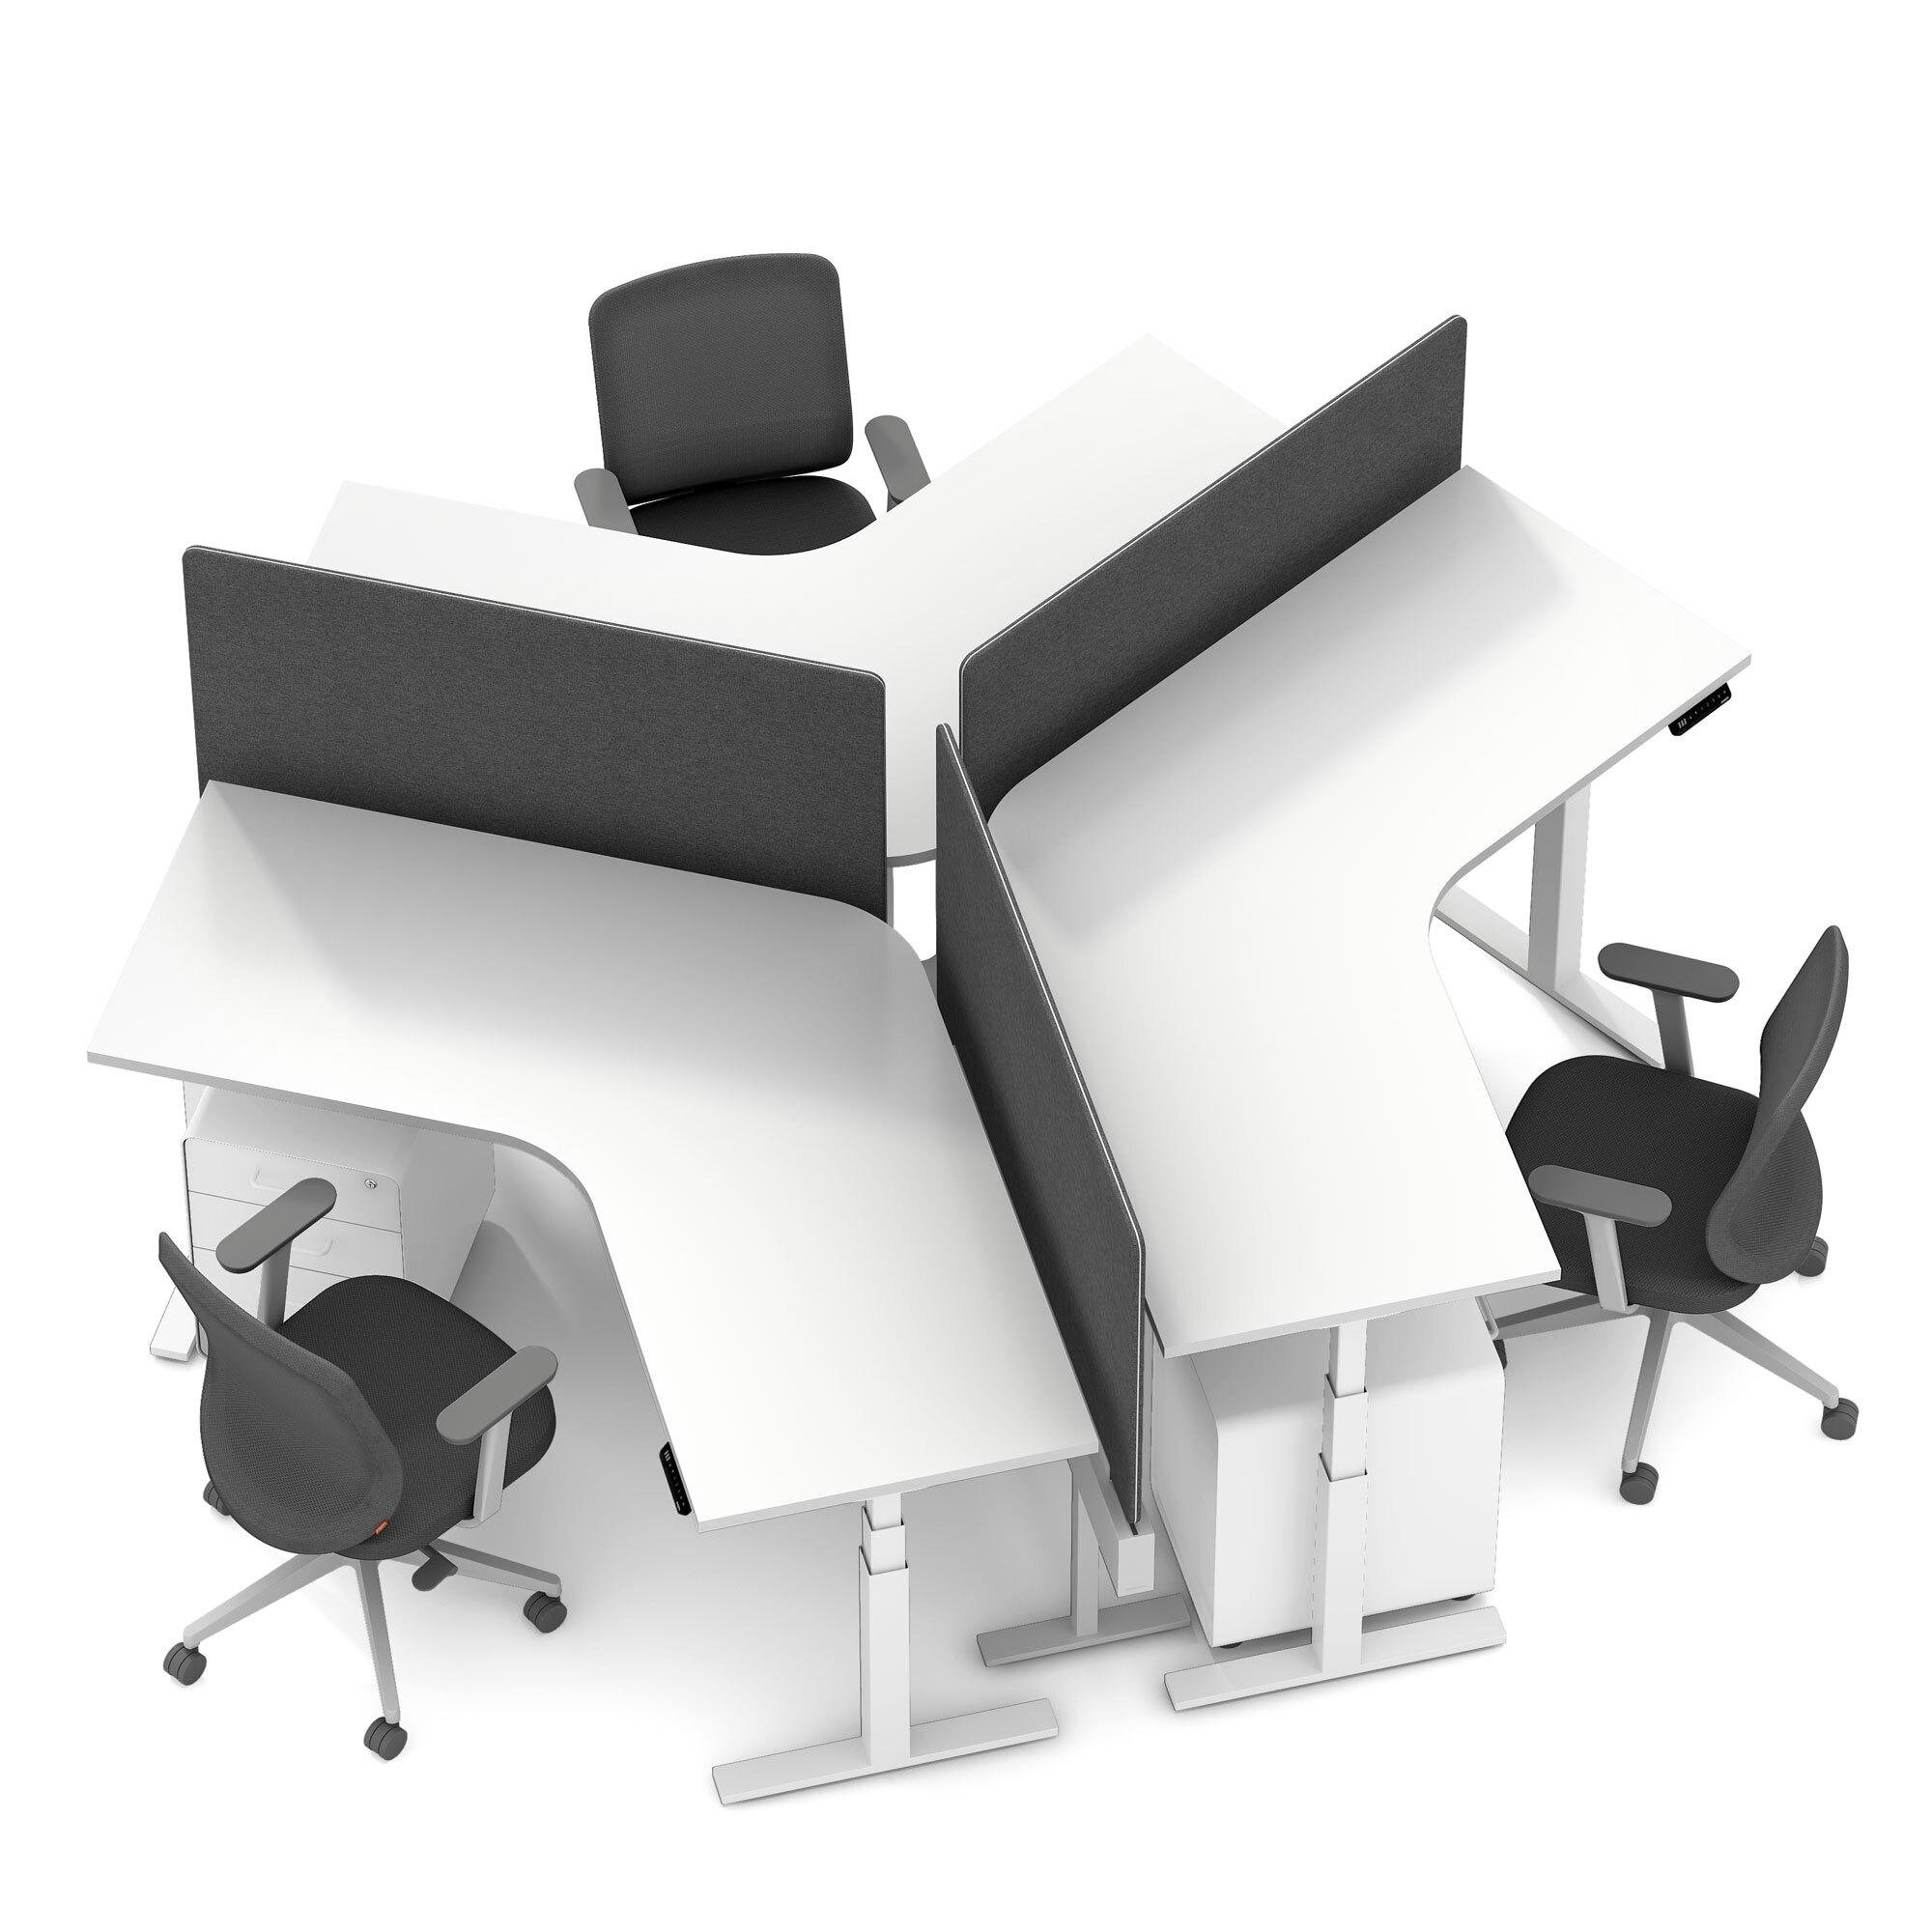 Series L Adjustable Height 120 Degree Desk For 3 Boom Power Rail White White Legs